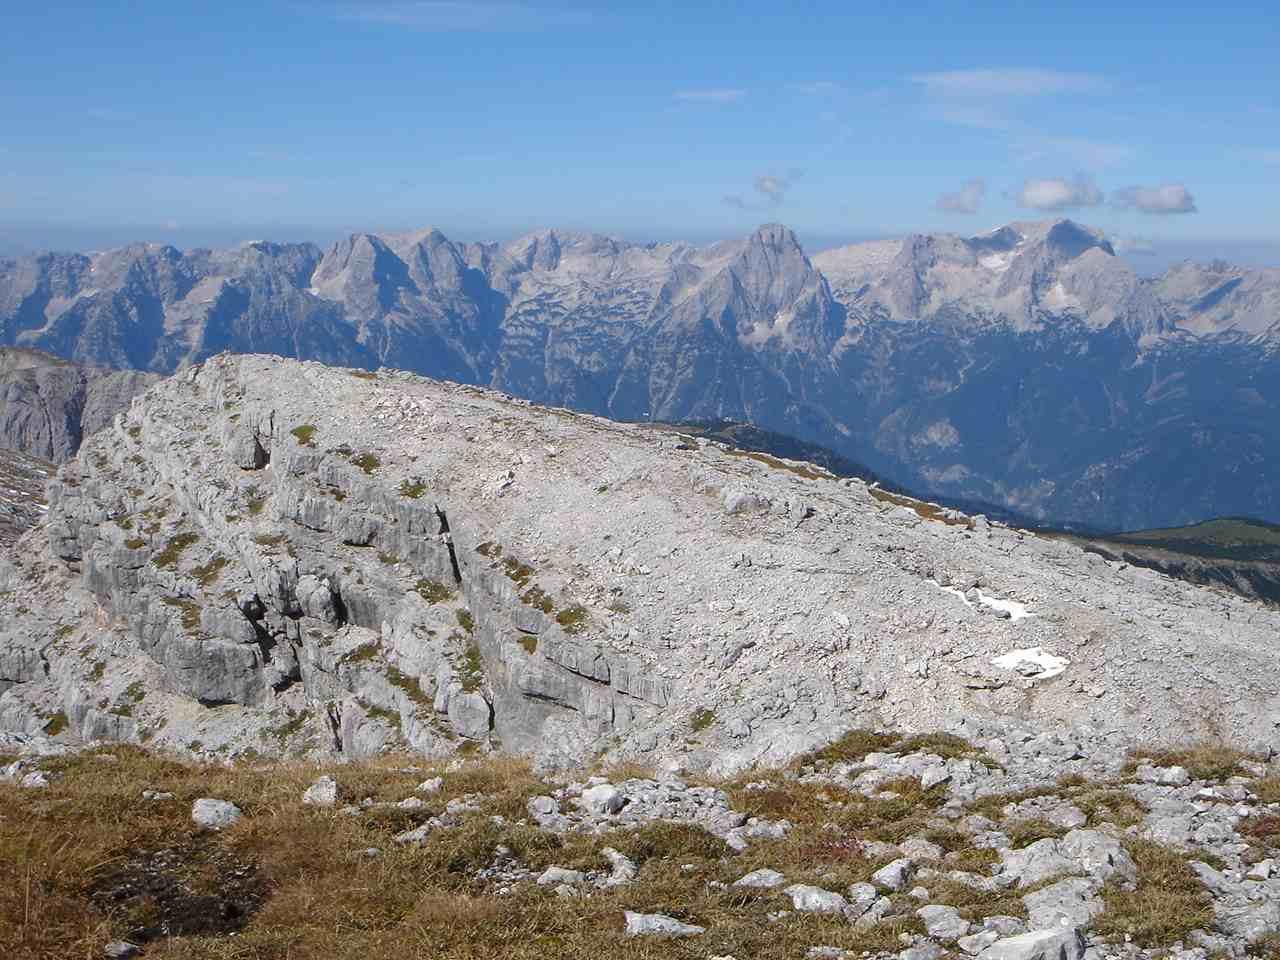 Foto: Manfred Karl / Wandertour / Warscheneck über den SO-Grat / Traumhafter Blick auf den Ostteil des Toten Gebirges. / 05.05.2007 20:52:15